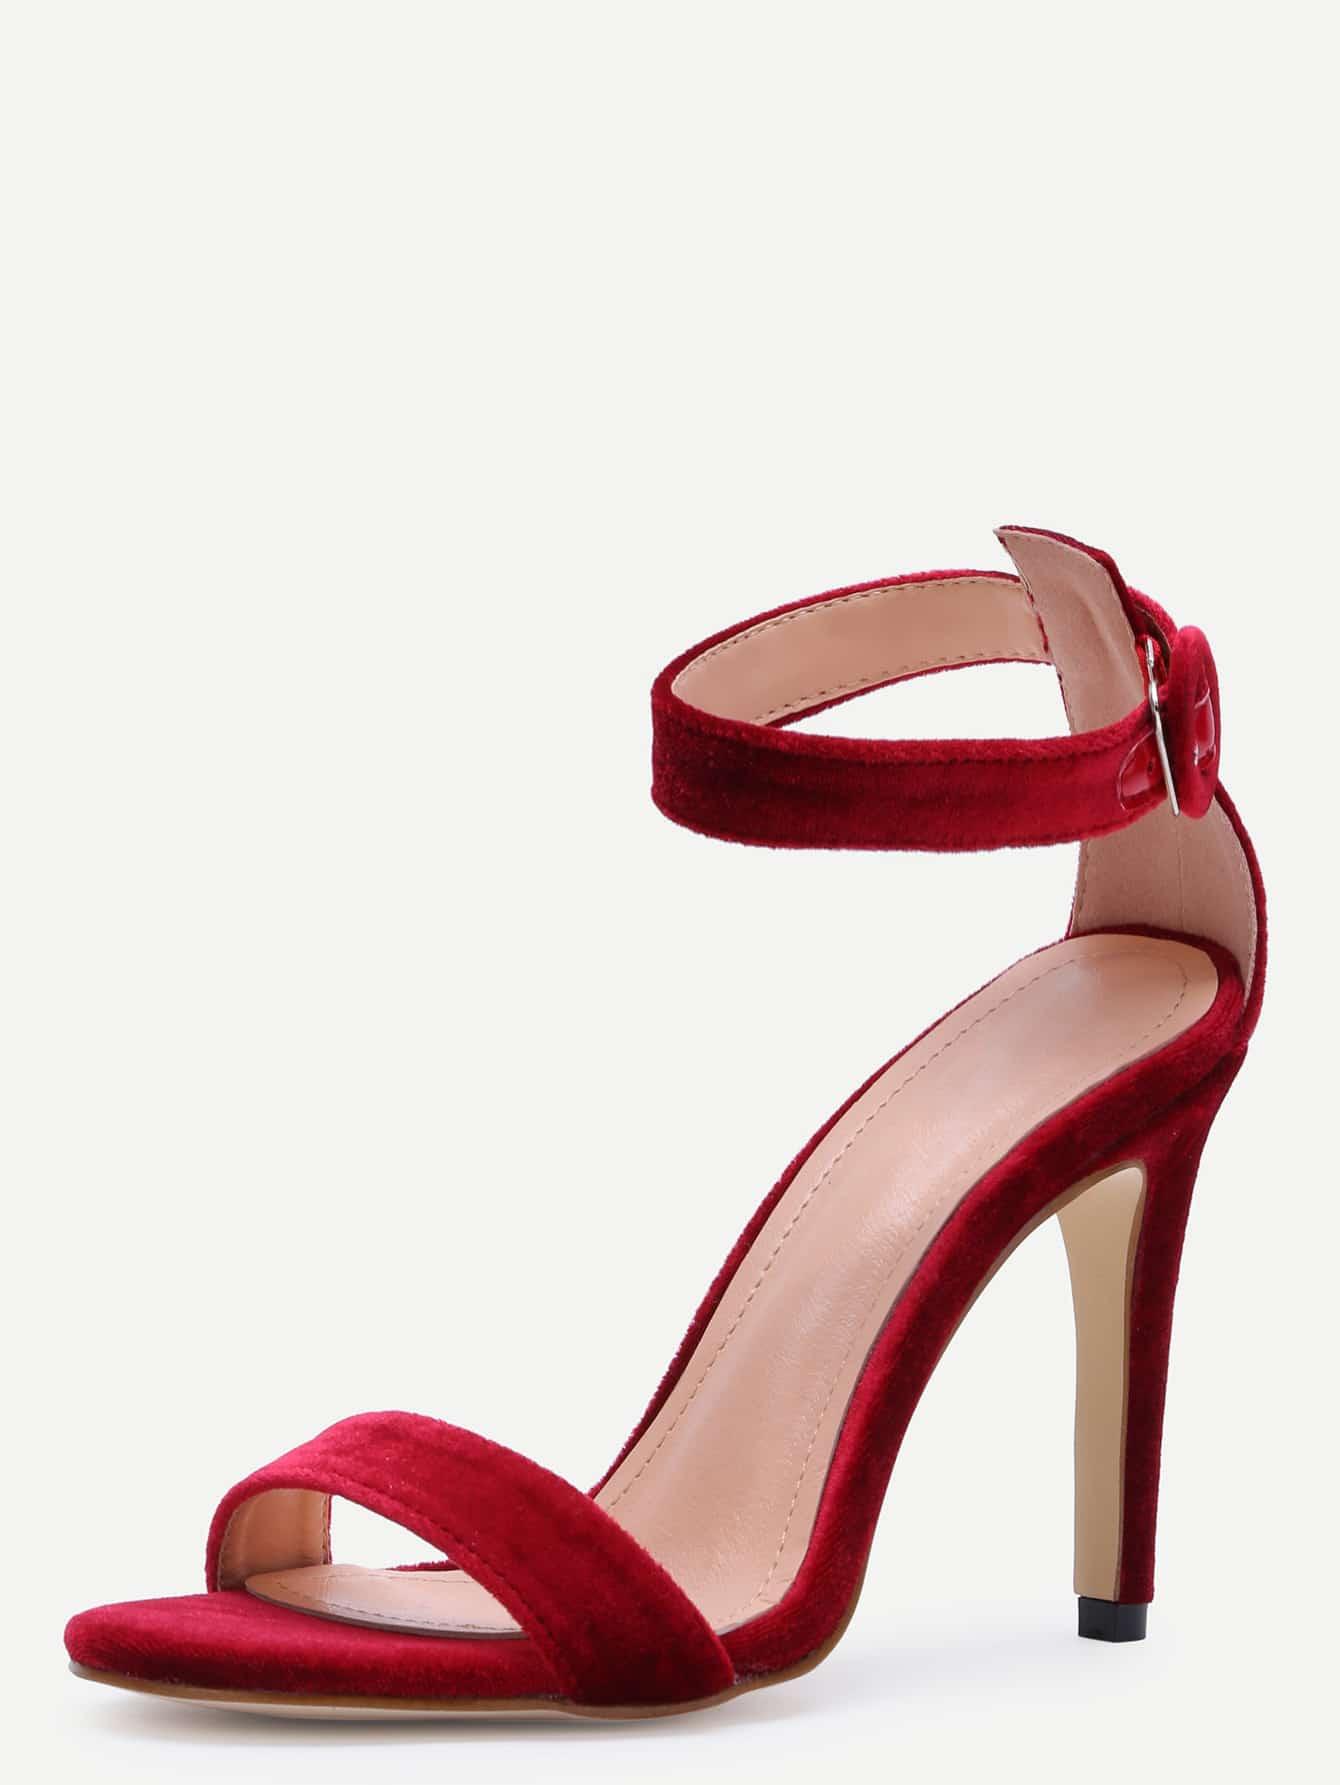 shoes170207807_2